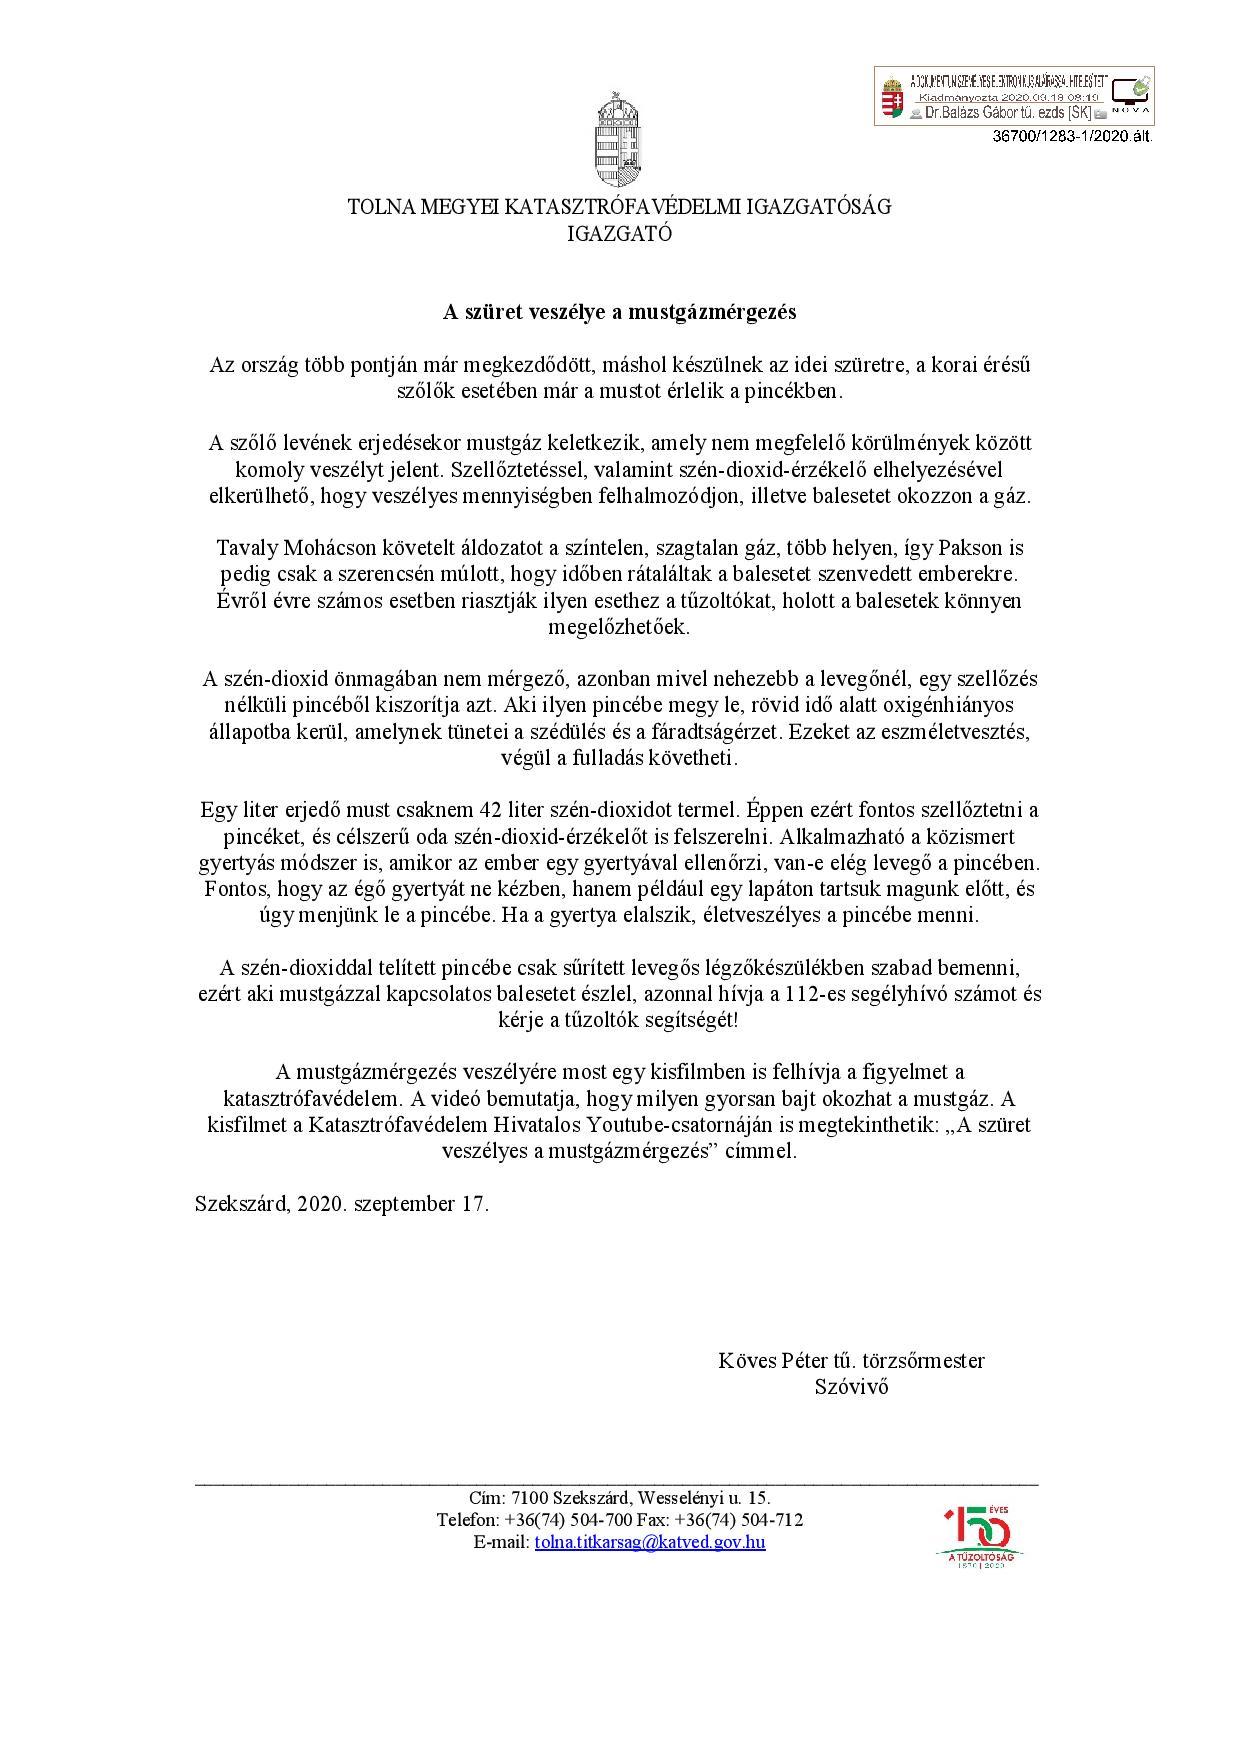 Tájékoztató a mustgázmérgezések megelőzéséről-page-001